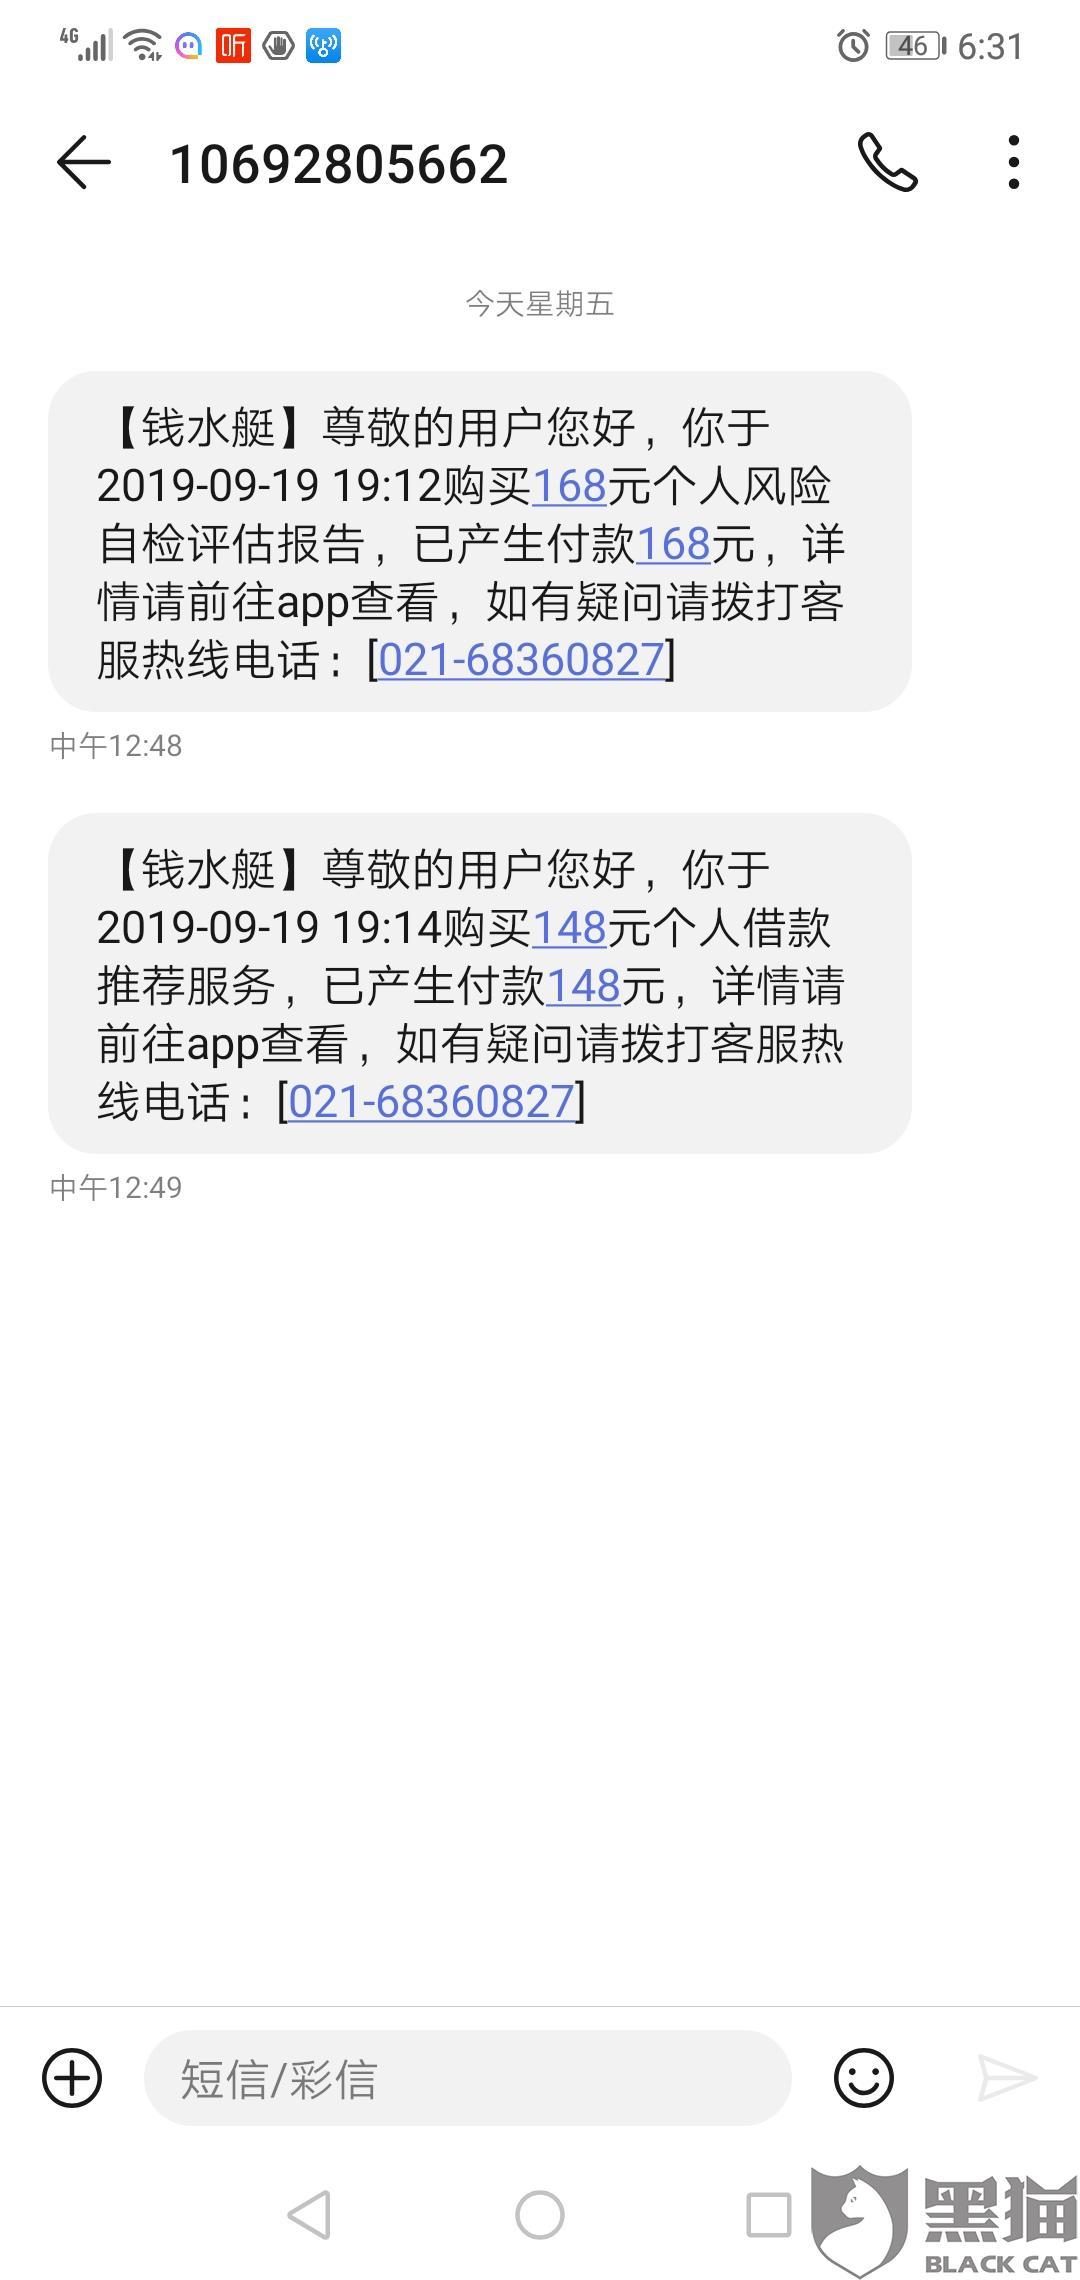 黑猫投诉:要求上海天放网络技术有限公司旗下钱水艇App退款316元,注销账号。